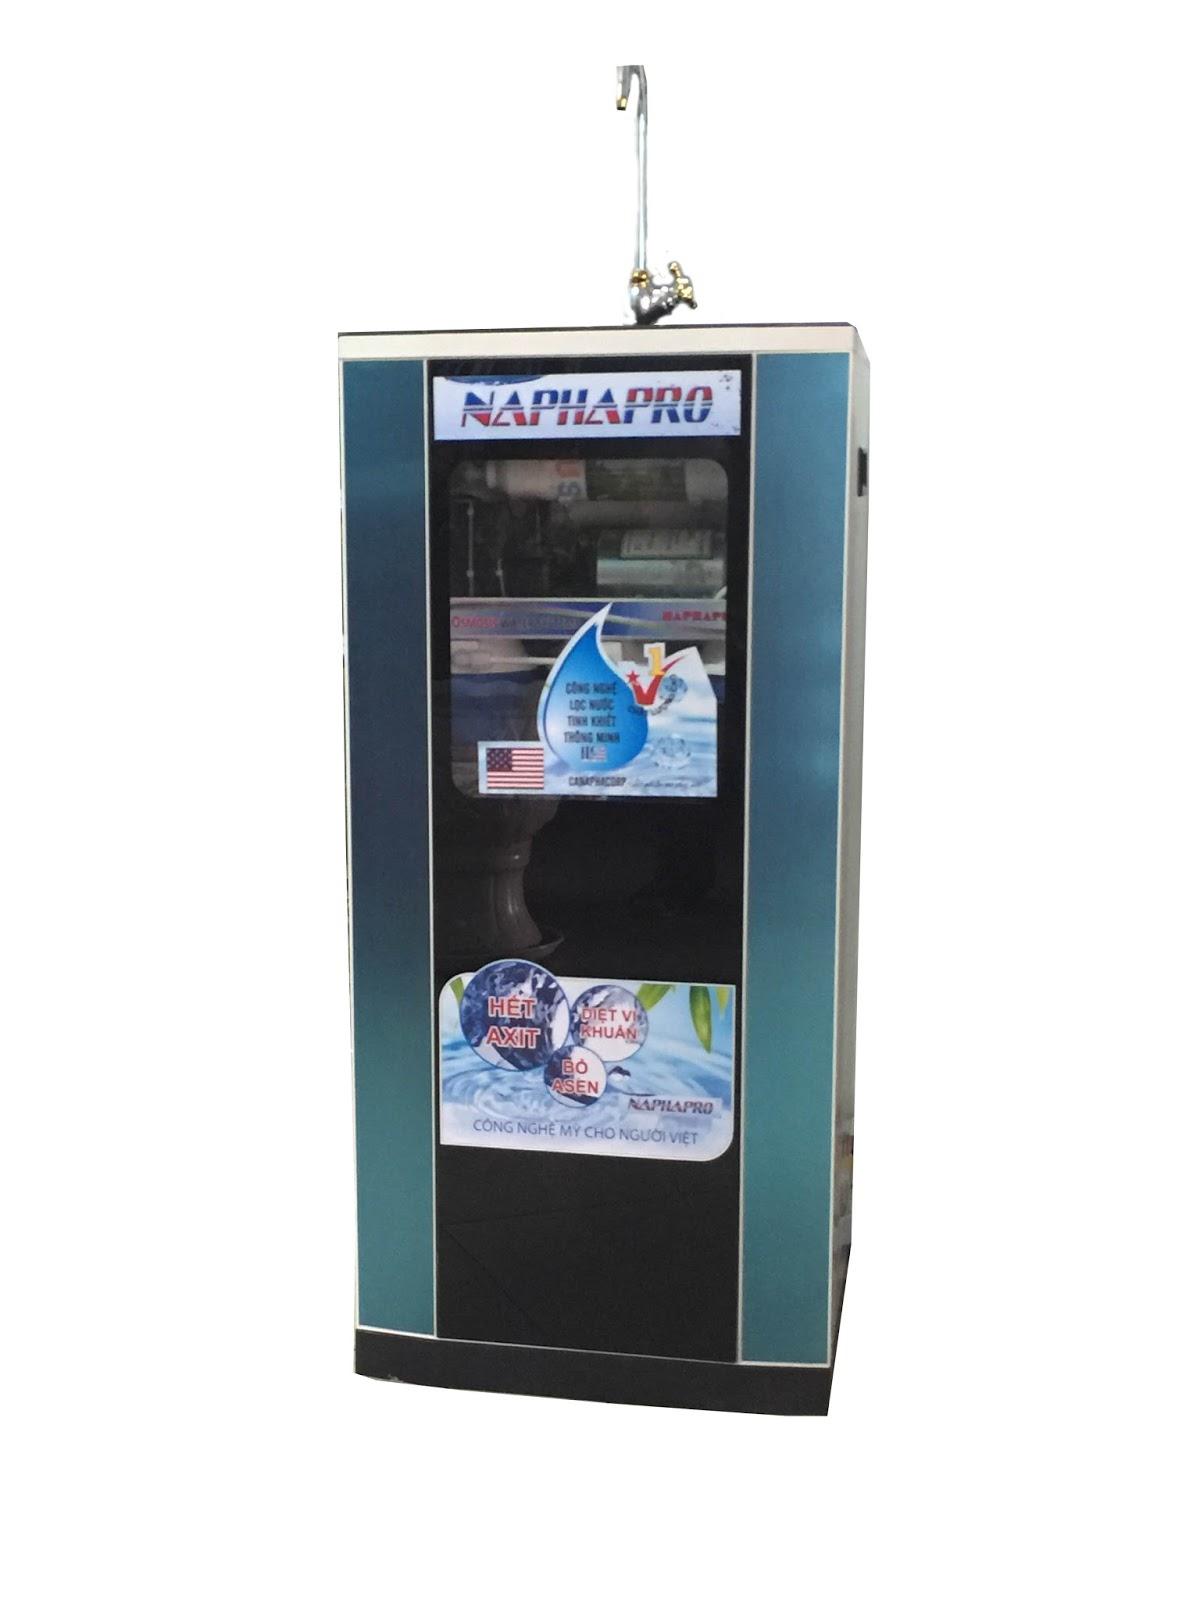 Kết quả hình ảnh cho máy lọc nước naphapro